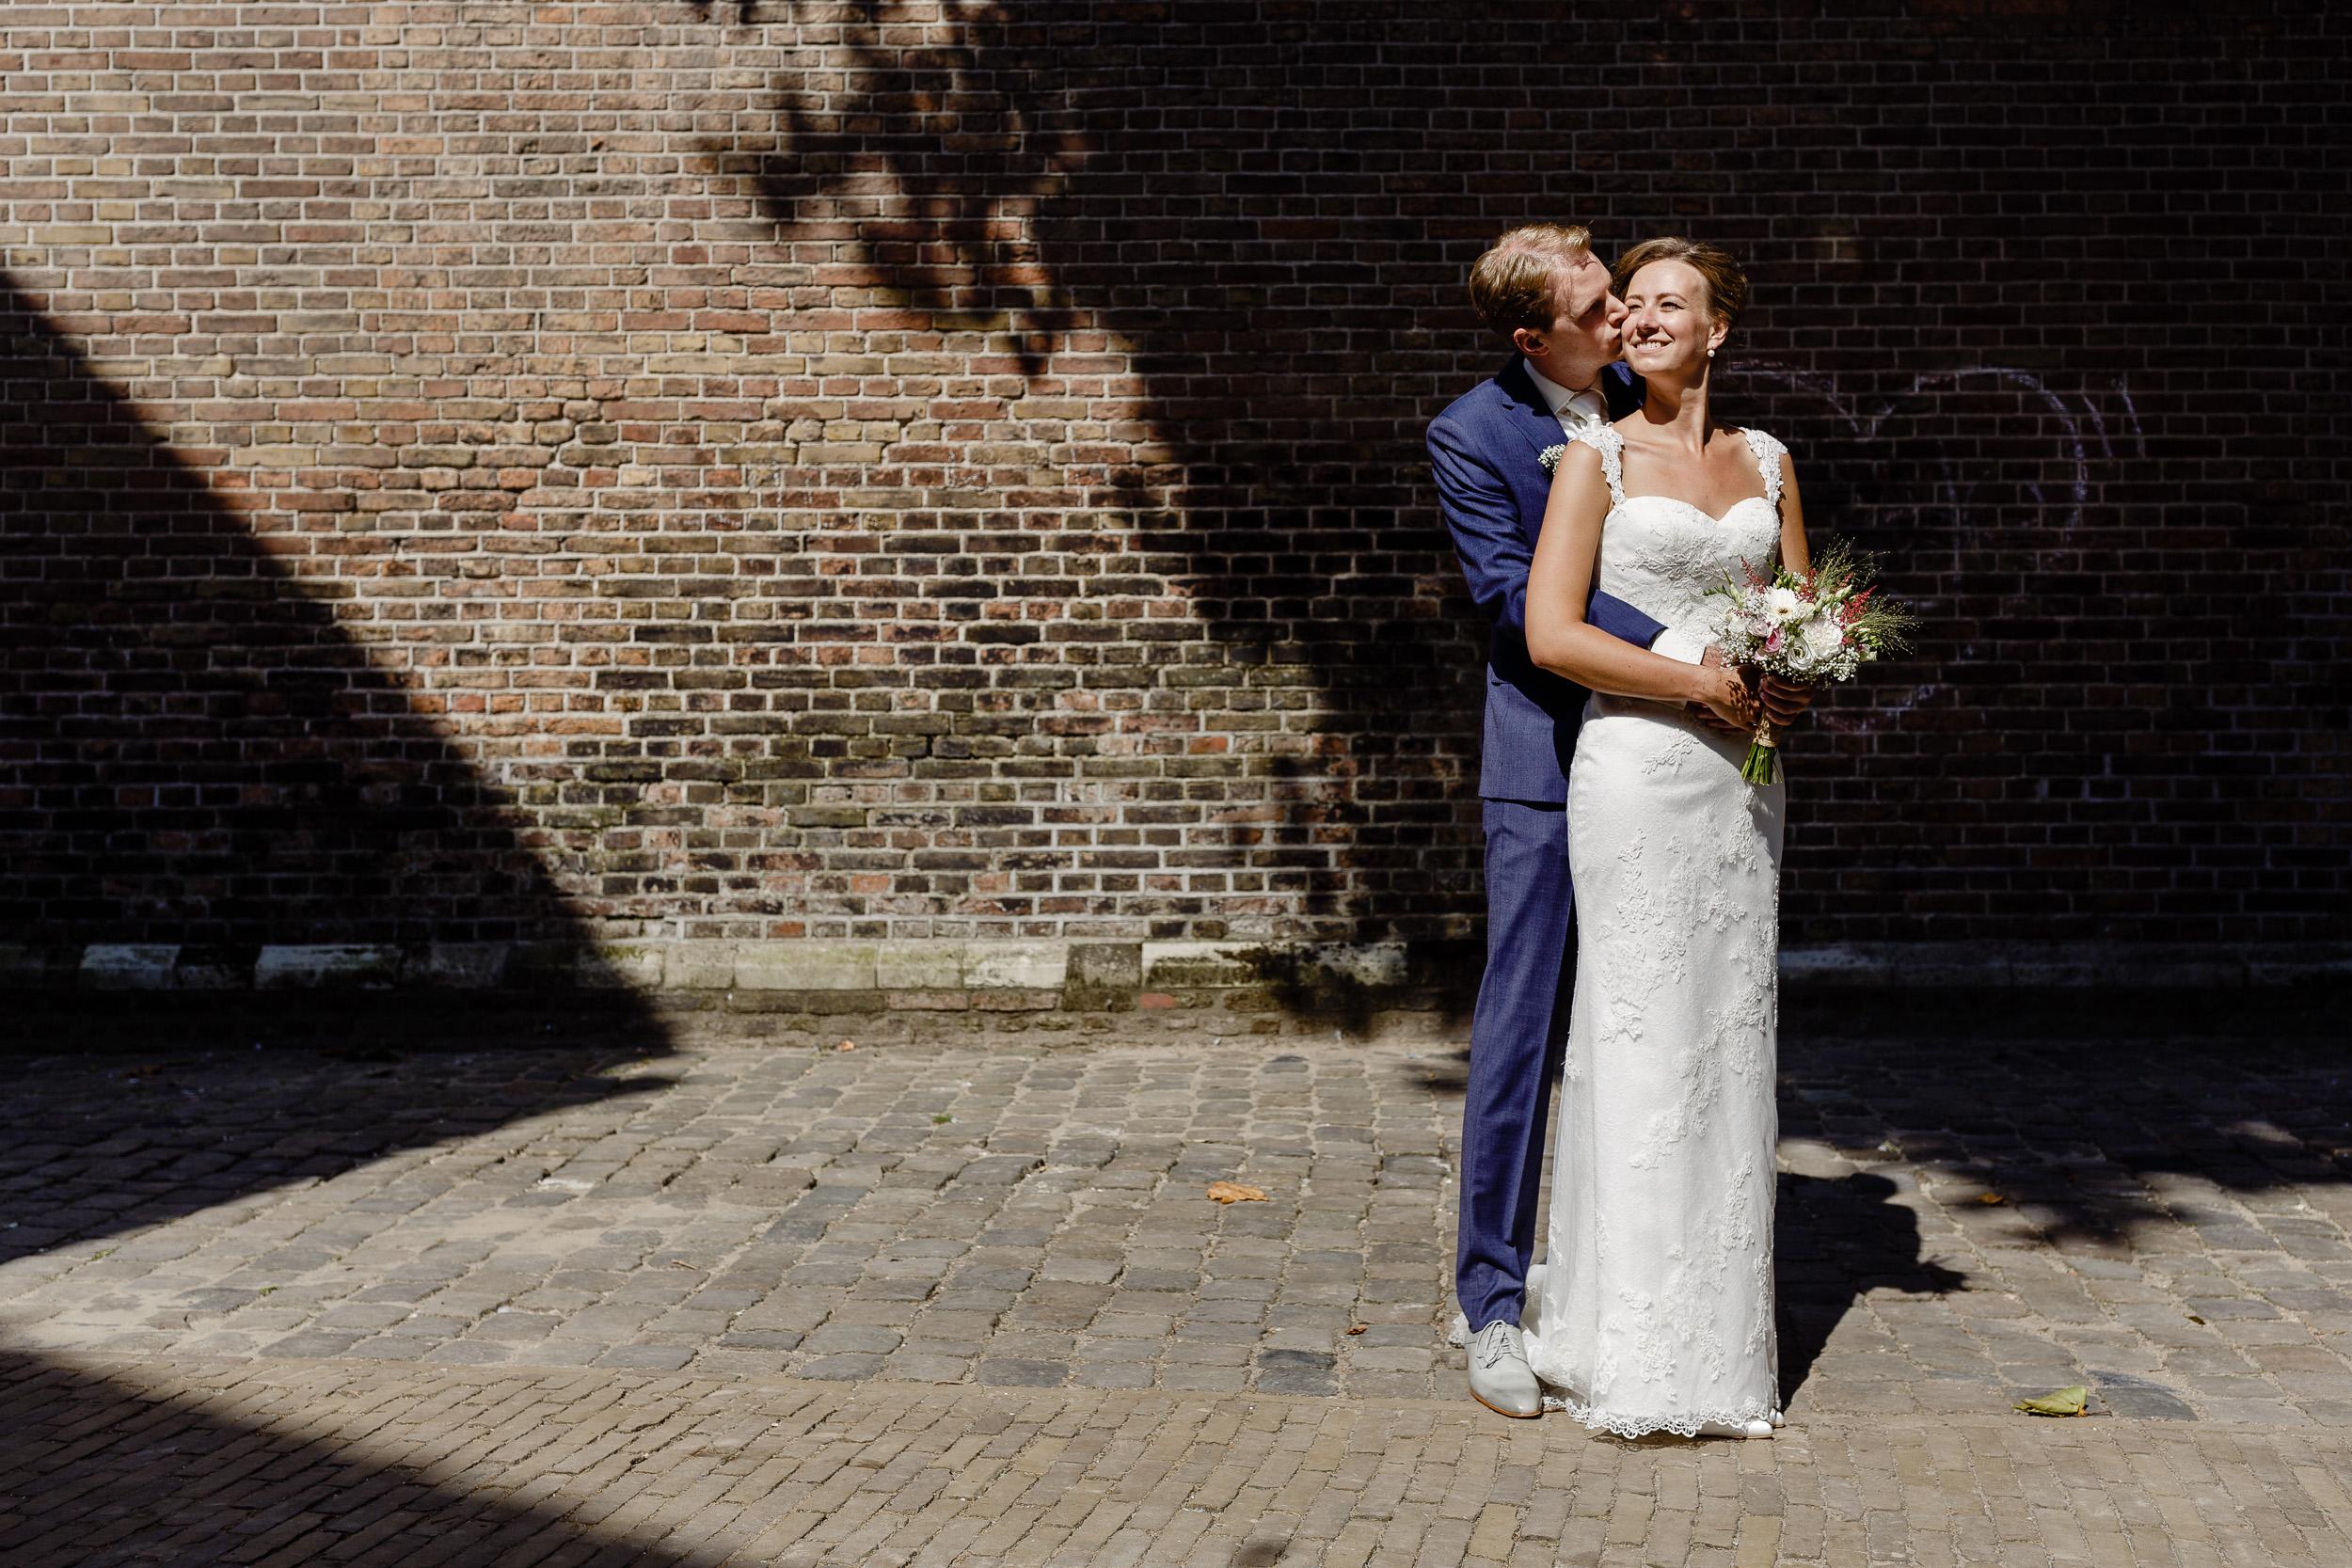 Fijn spelen met licht/schaduw met dit prachtige bruidspaar zaterdag in Gouda